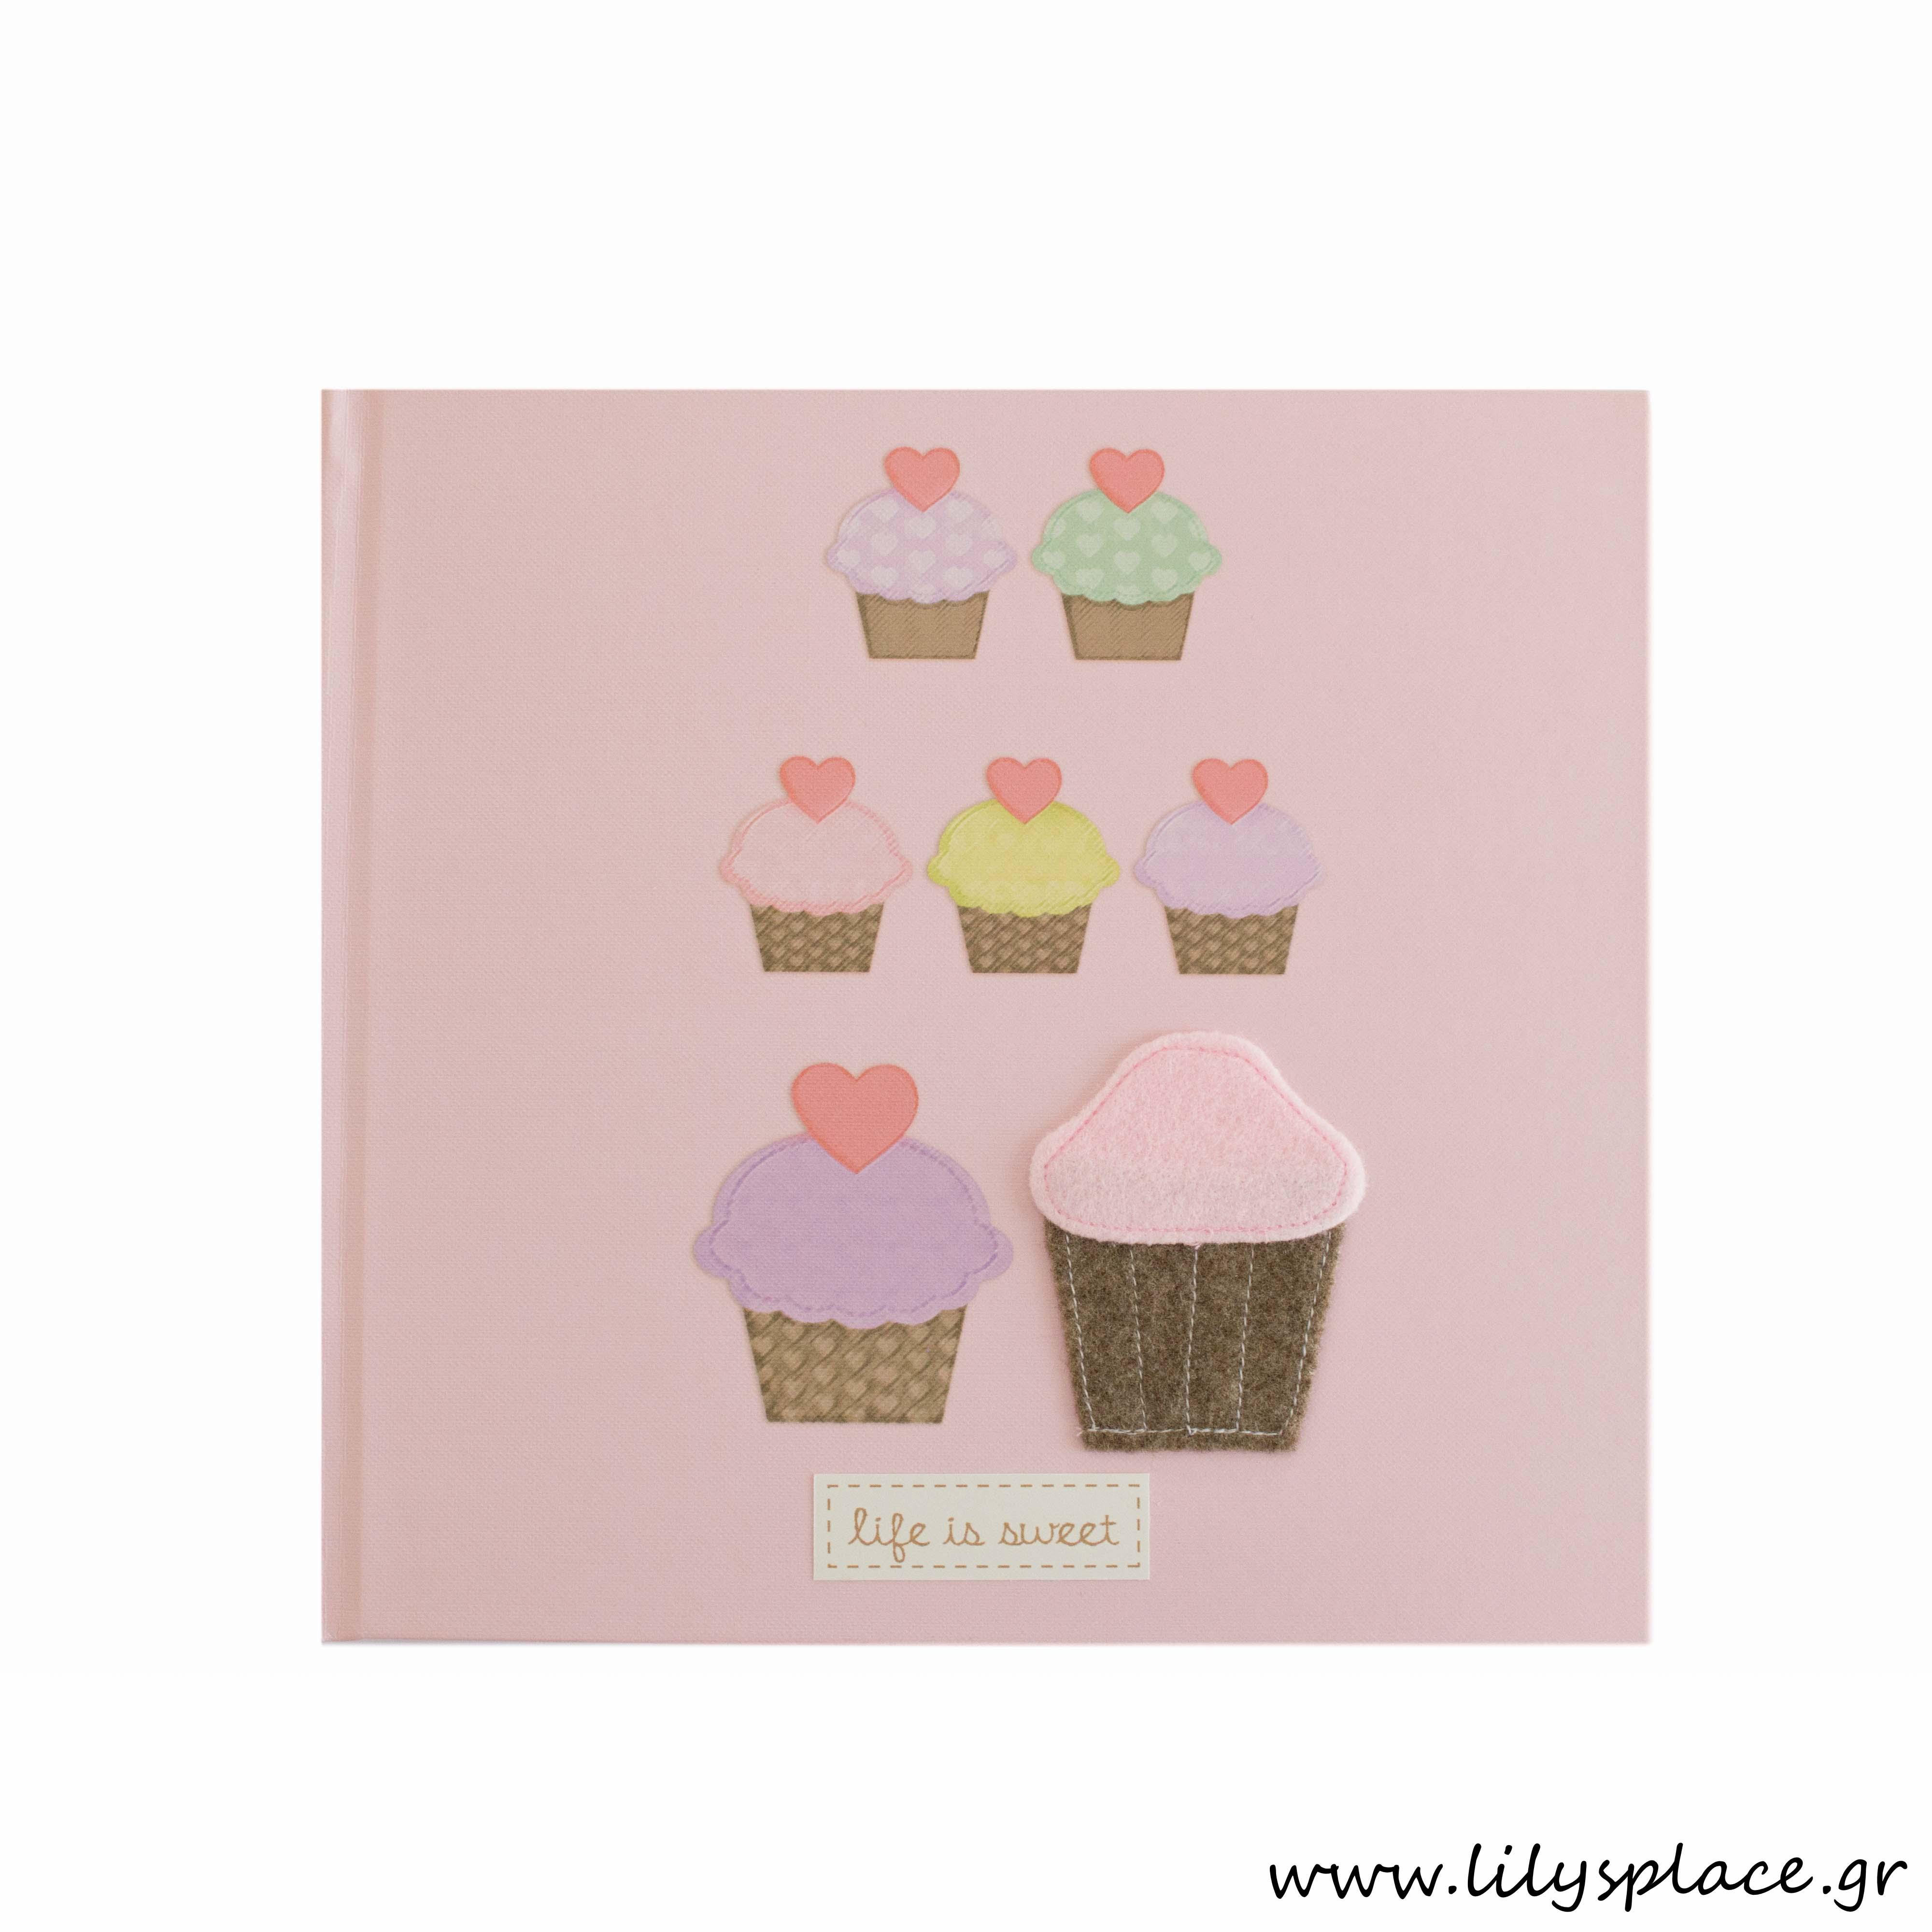 Ευχολόγιο βάπτισης cupcakes